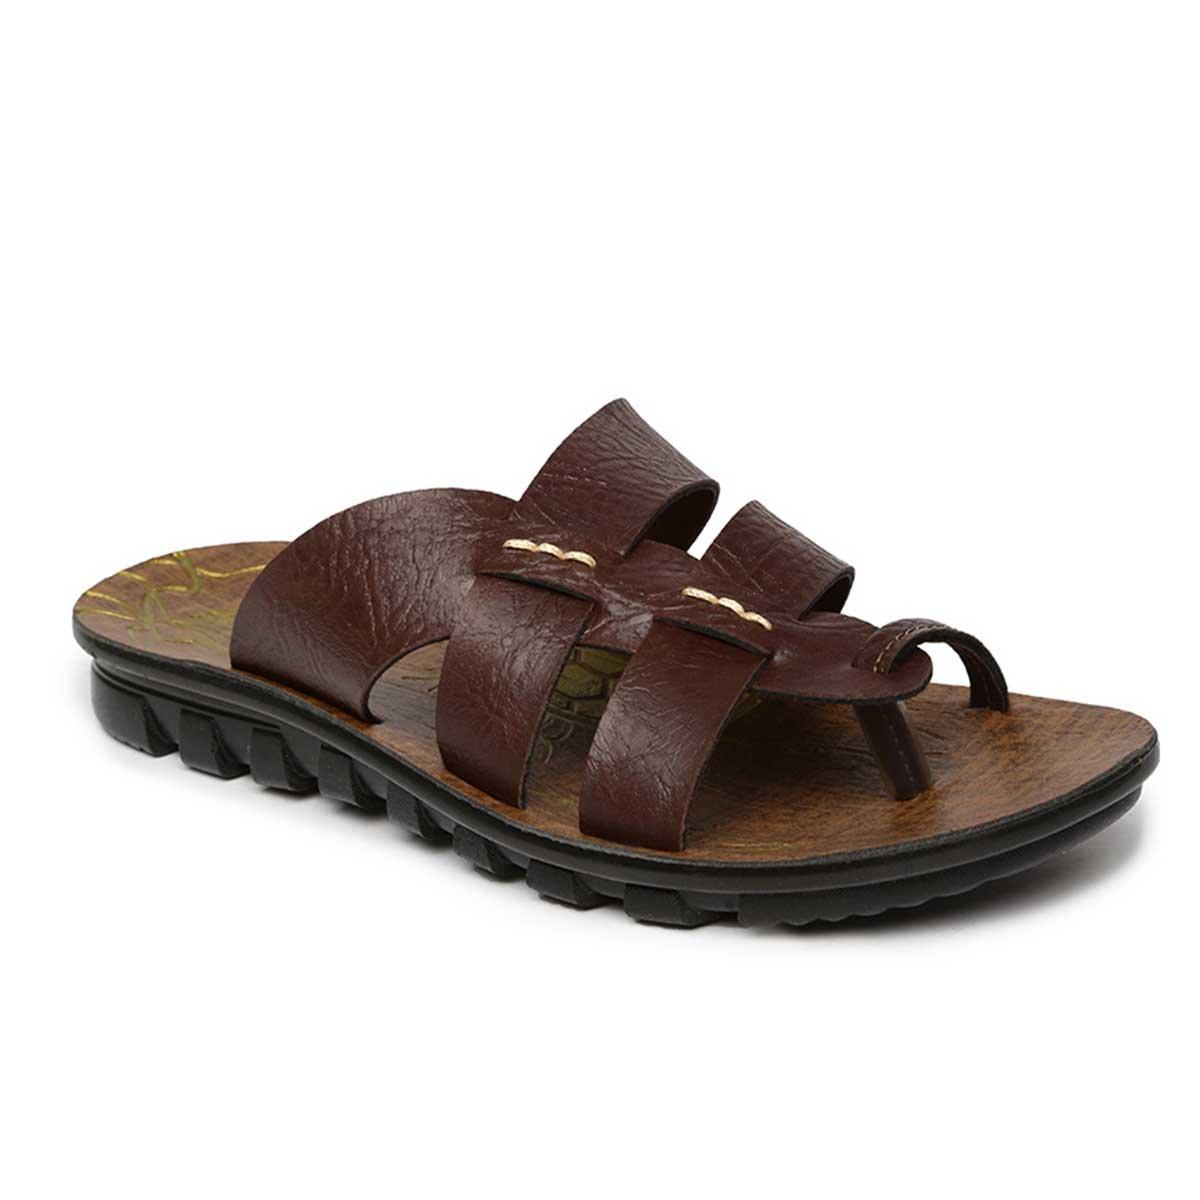 f8d184c157a5 ... Vertex Men s Brown Flip-Flops. 🔍. Men s Footwear